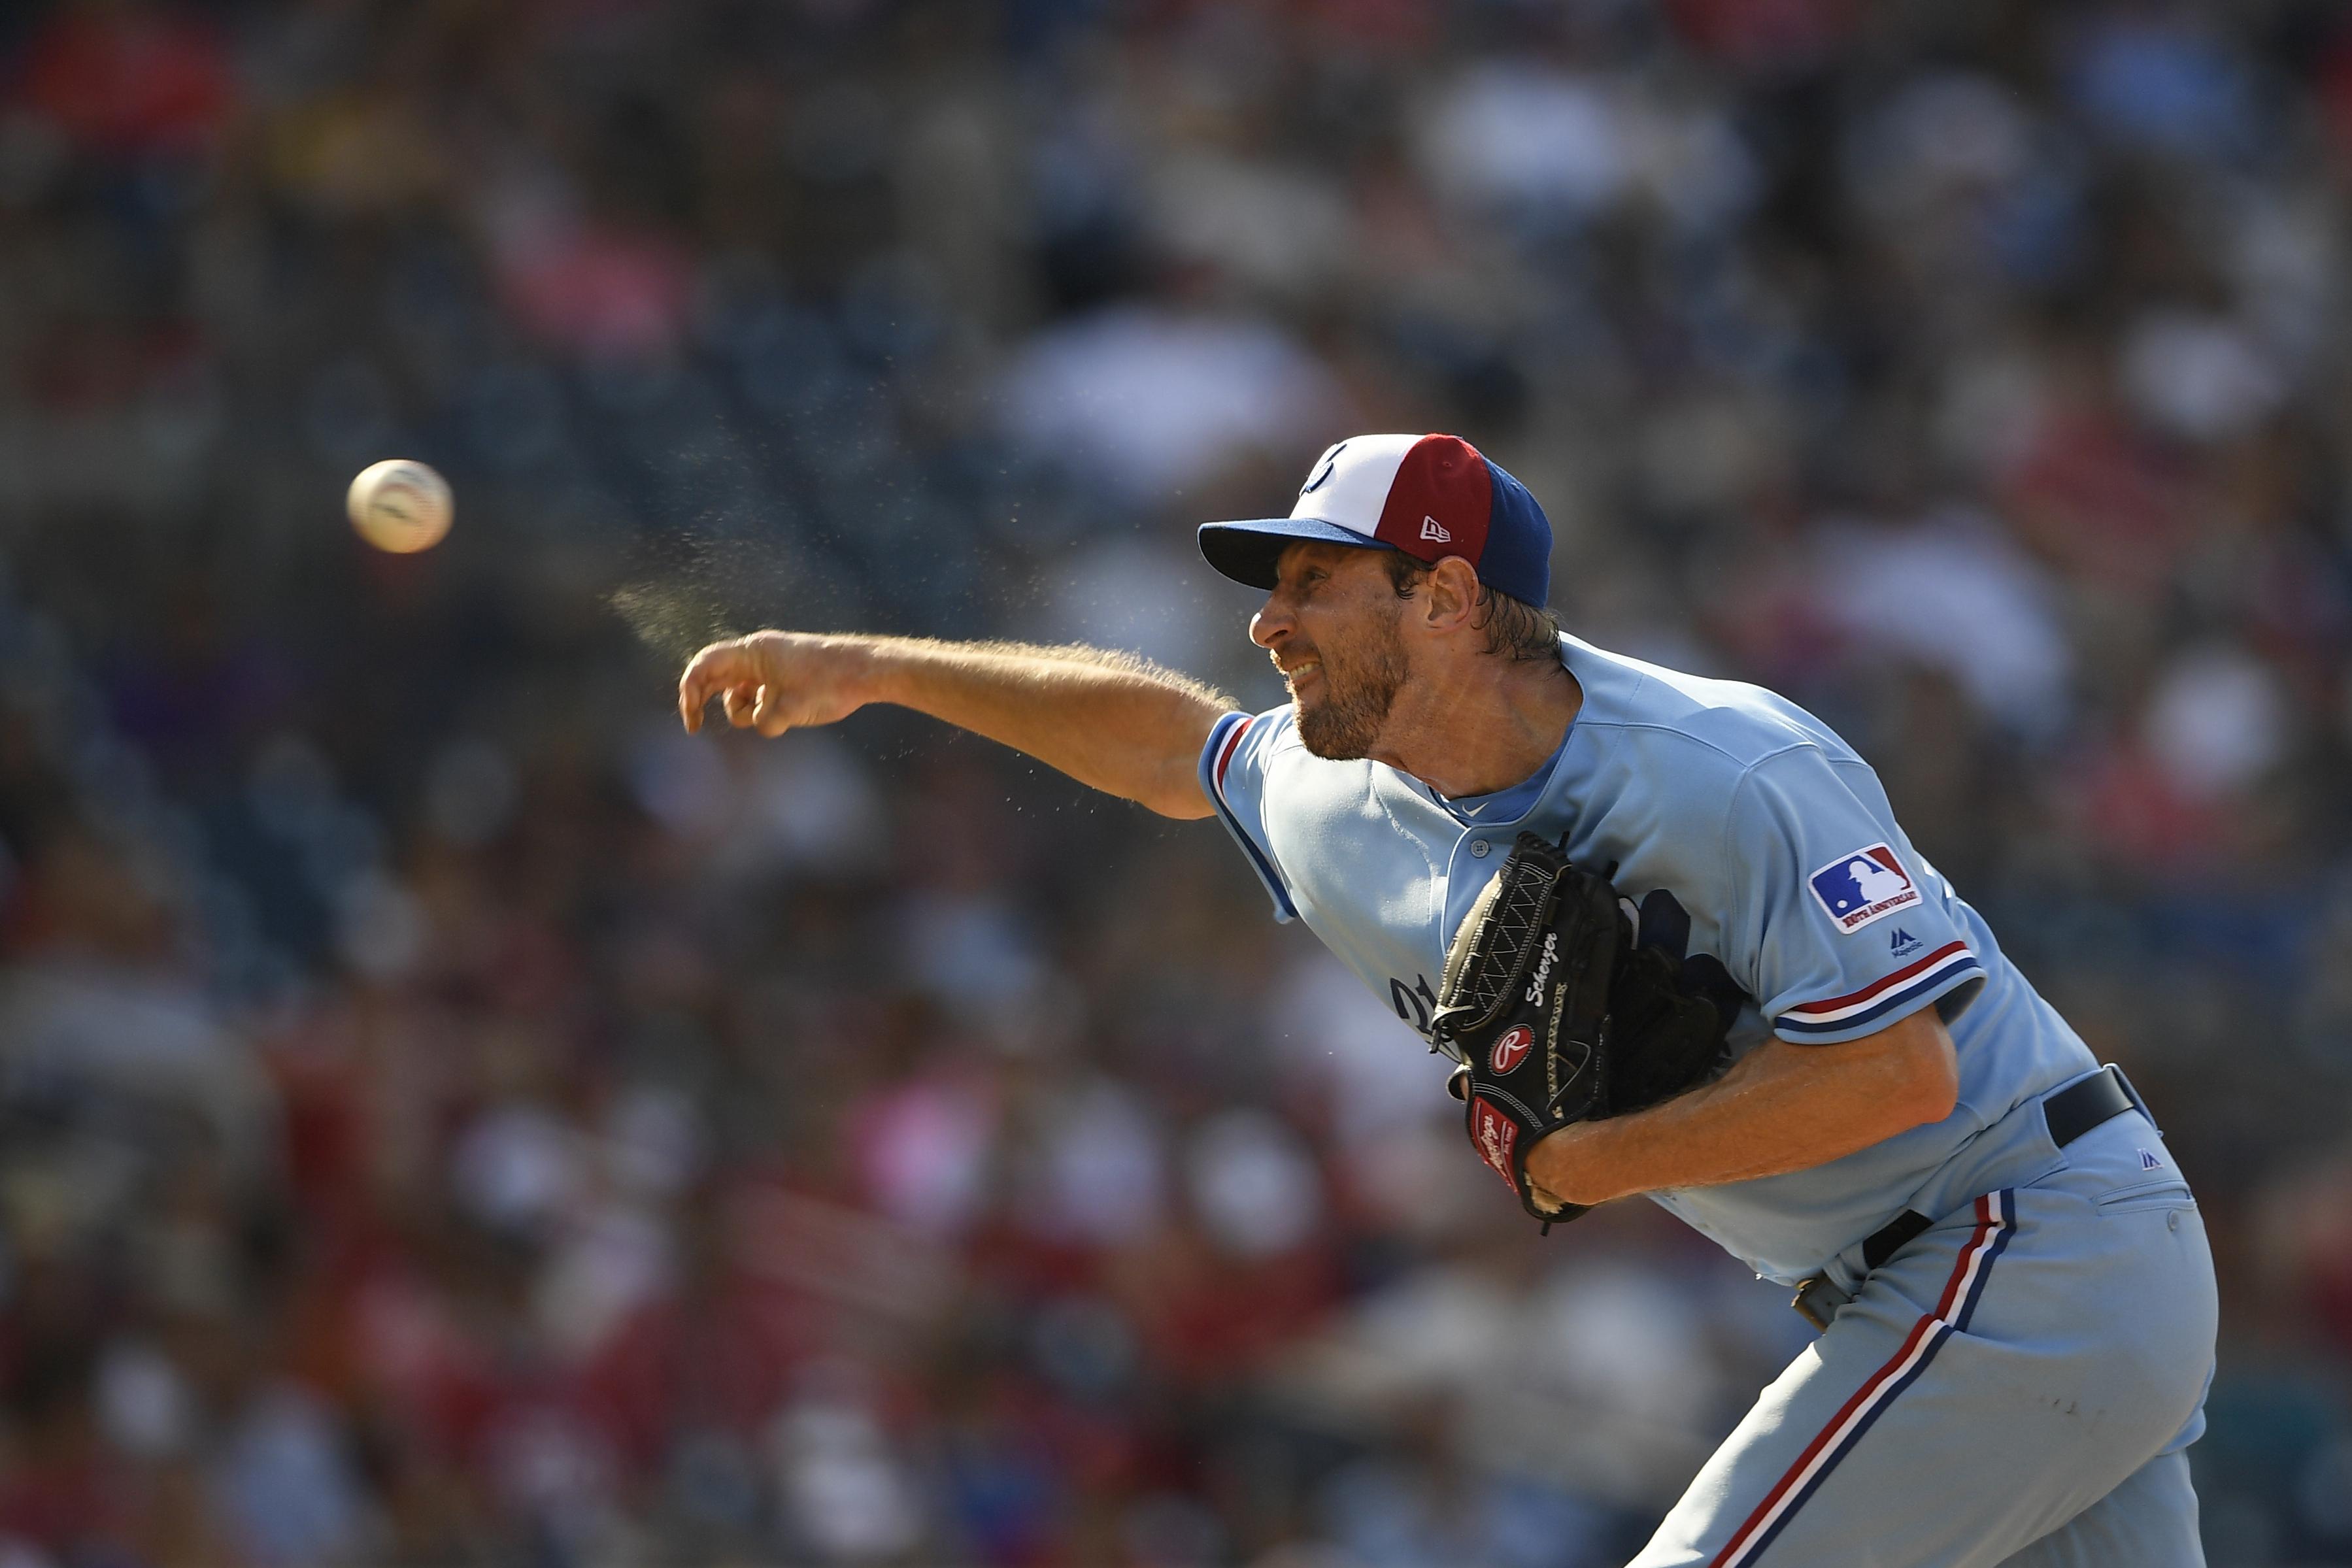 Max Scherzer, Nationals pitcher, placed on injured list